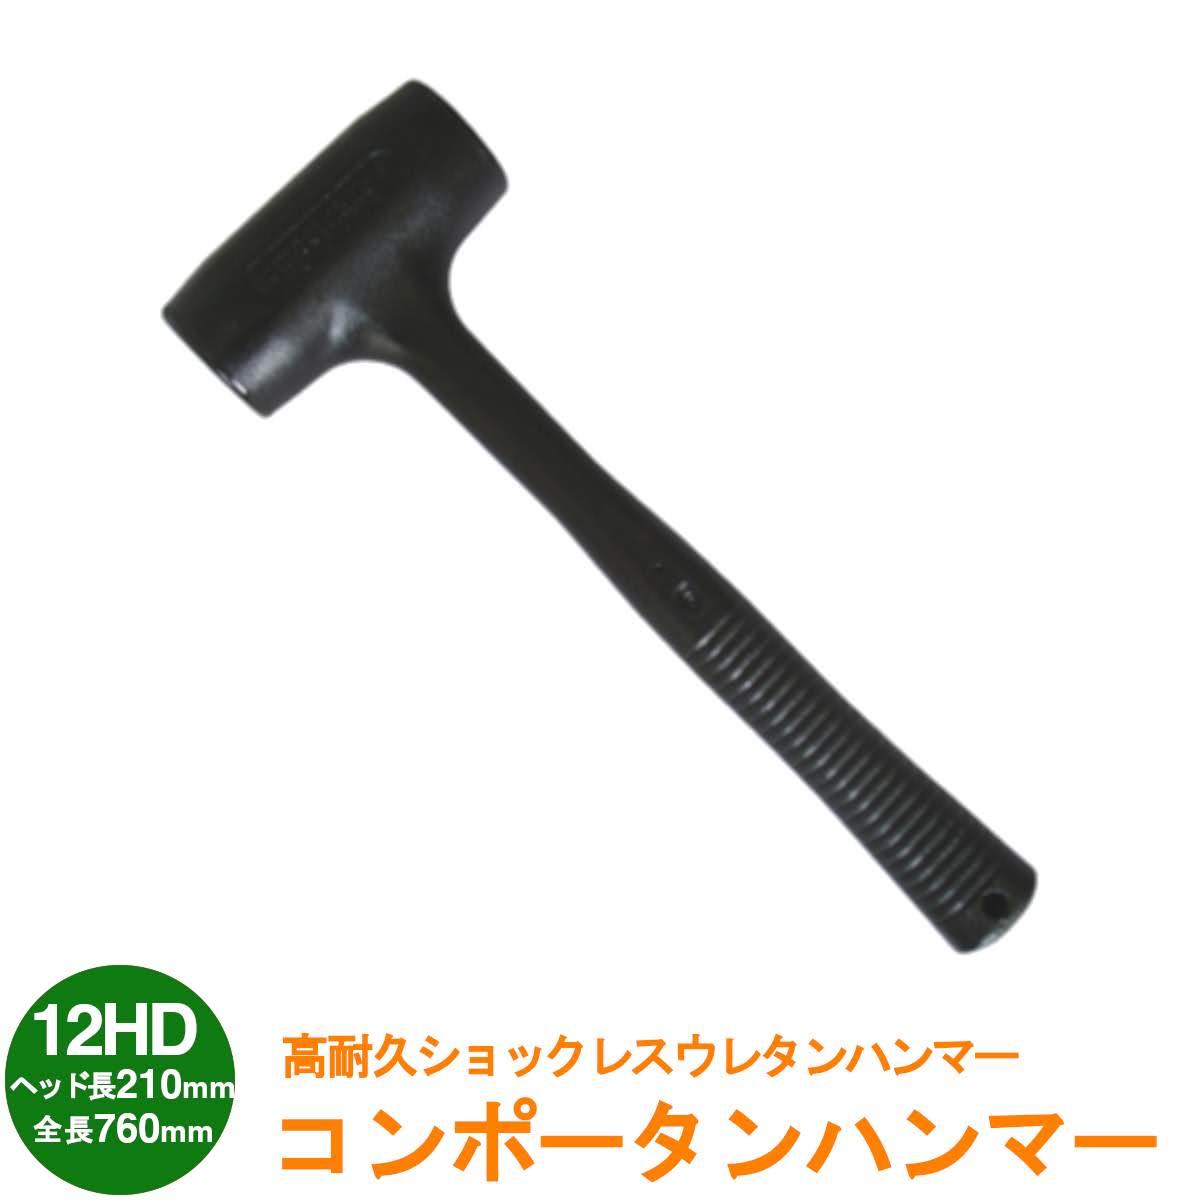 コンポータンハンマー 前田シェルサービス 超耐摩耗製ウレタン ショックレスハンマー 12HD(9ポンド)